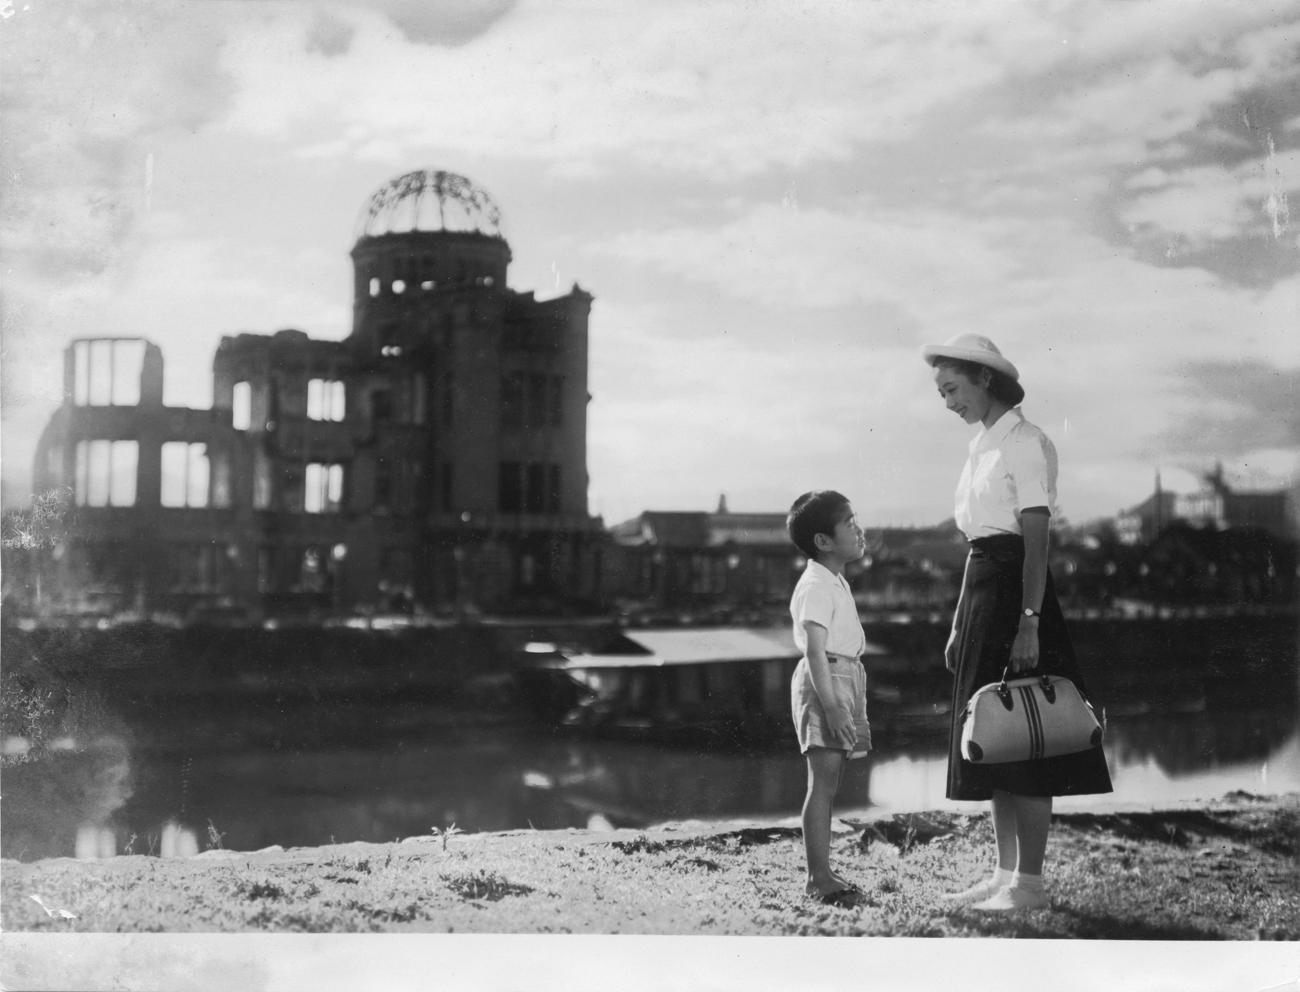 Fotograma de la película: Children of Hiroshima, 1952